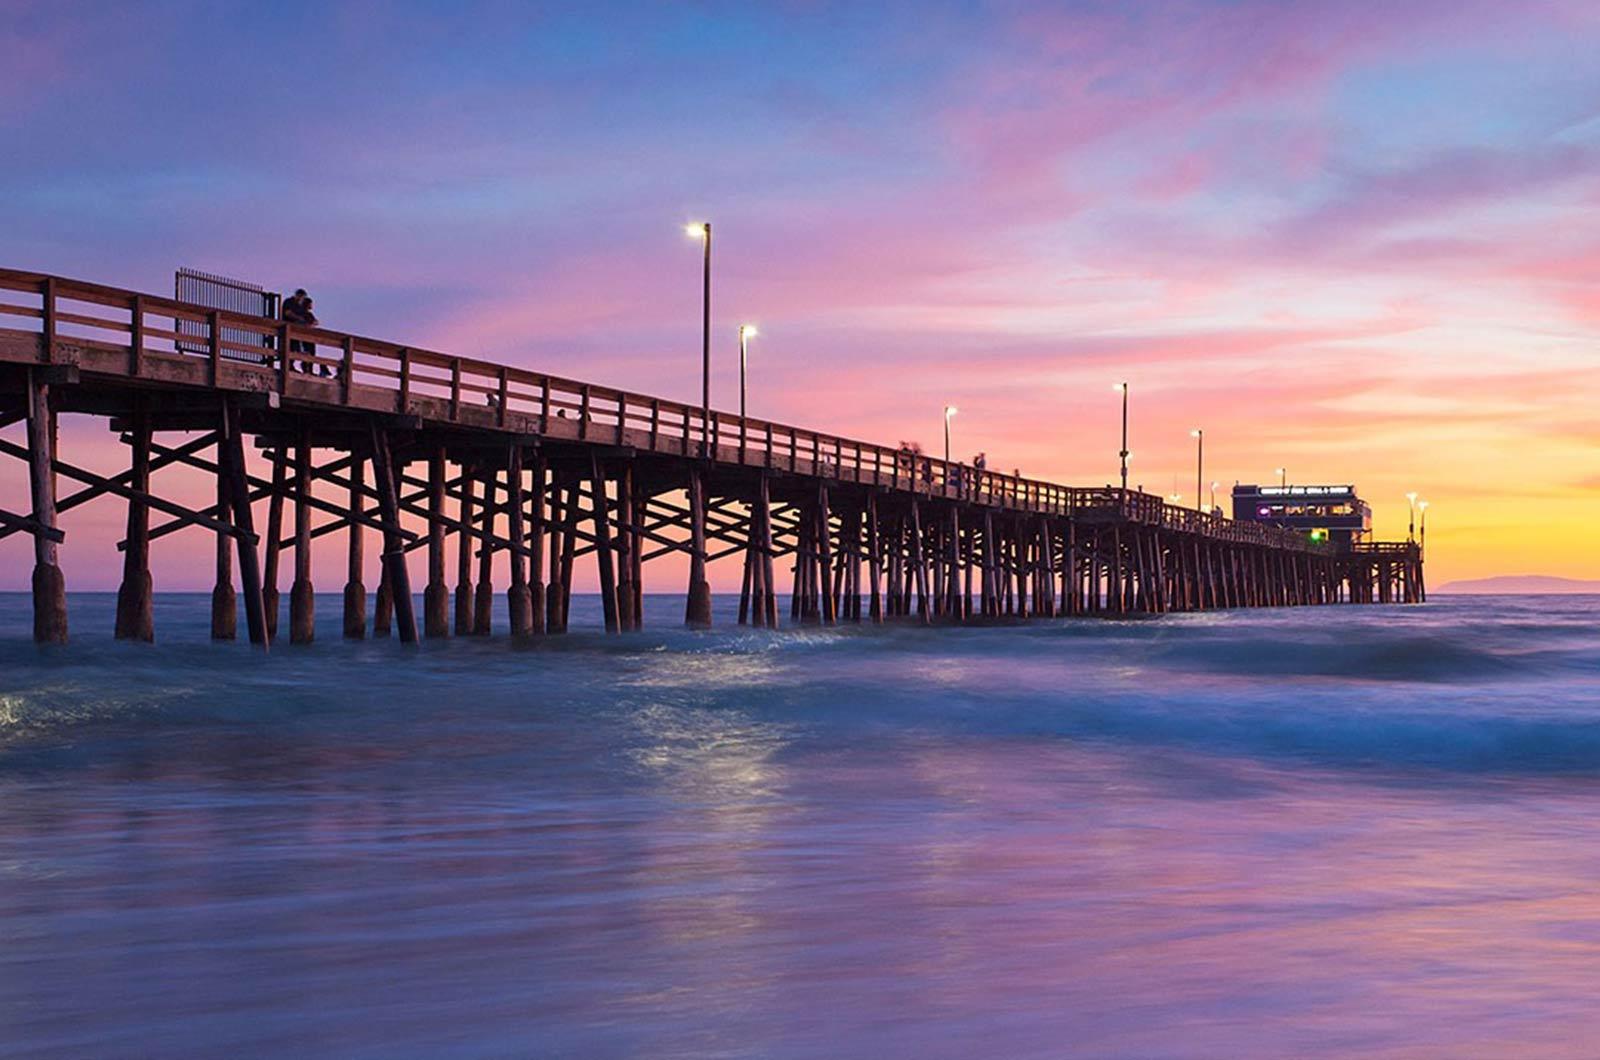 newport beach - photo #7